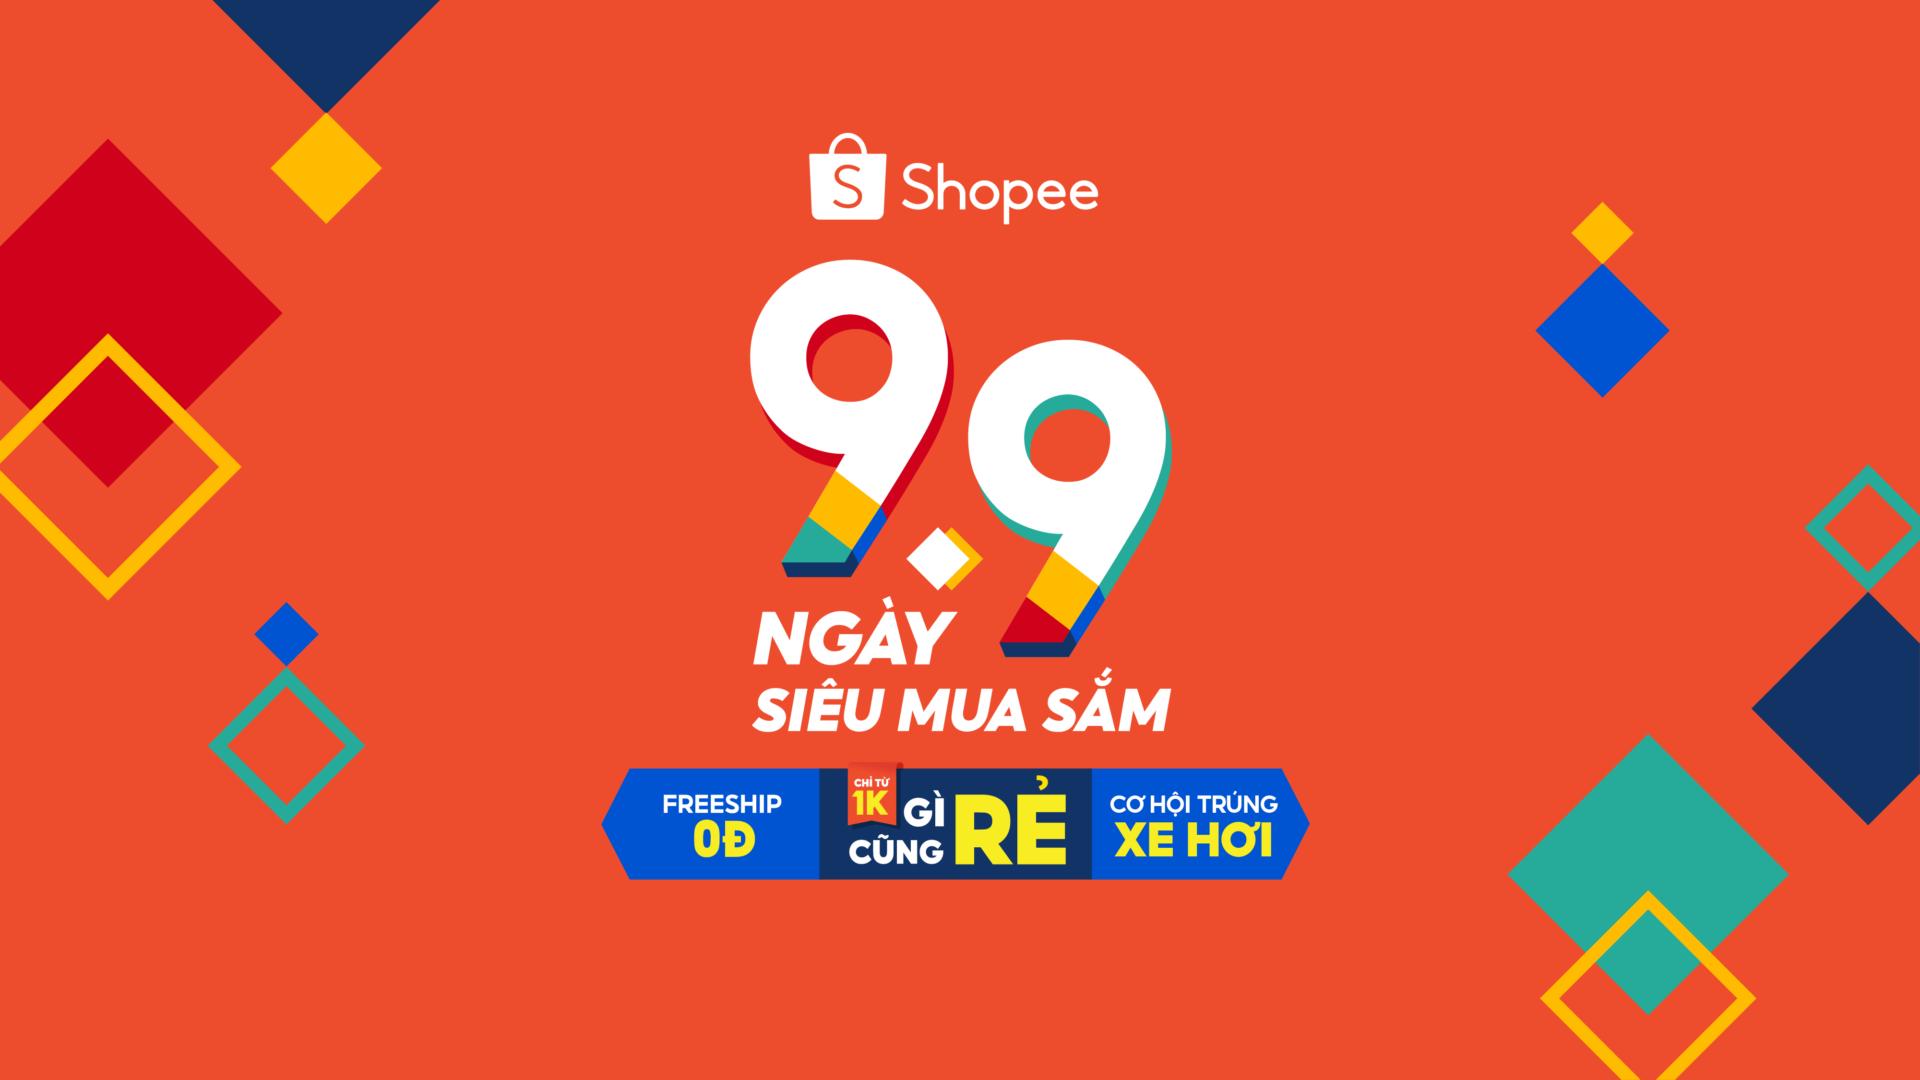 Shopee tổ chức sự kiện 9.9 Ngày Siêu Mua Sắm